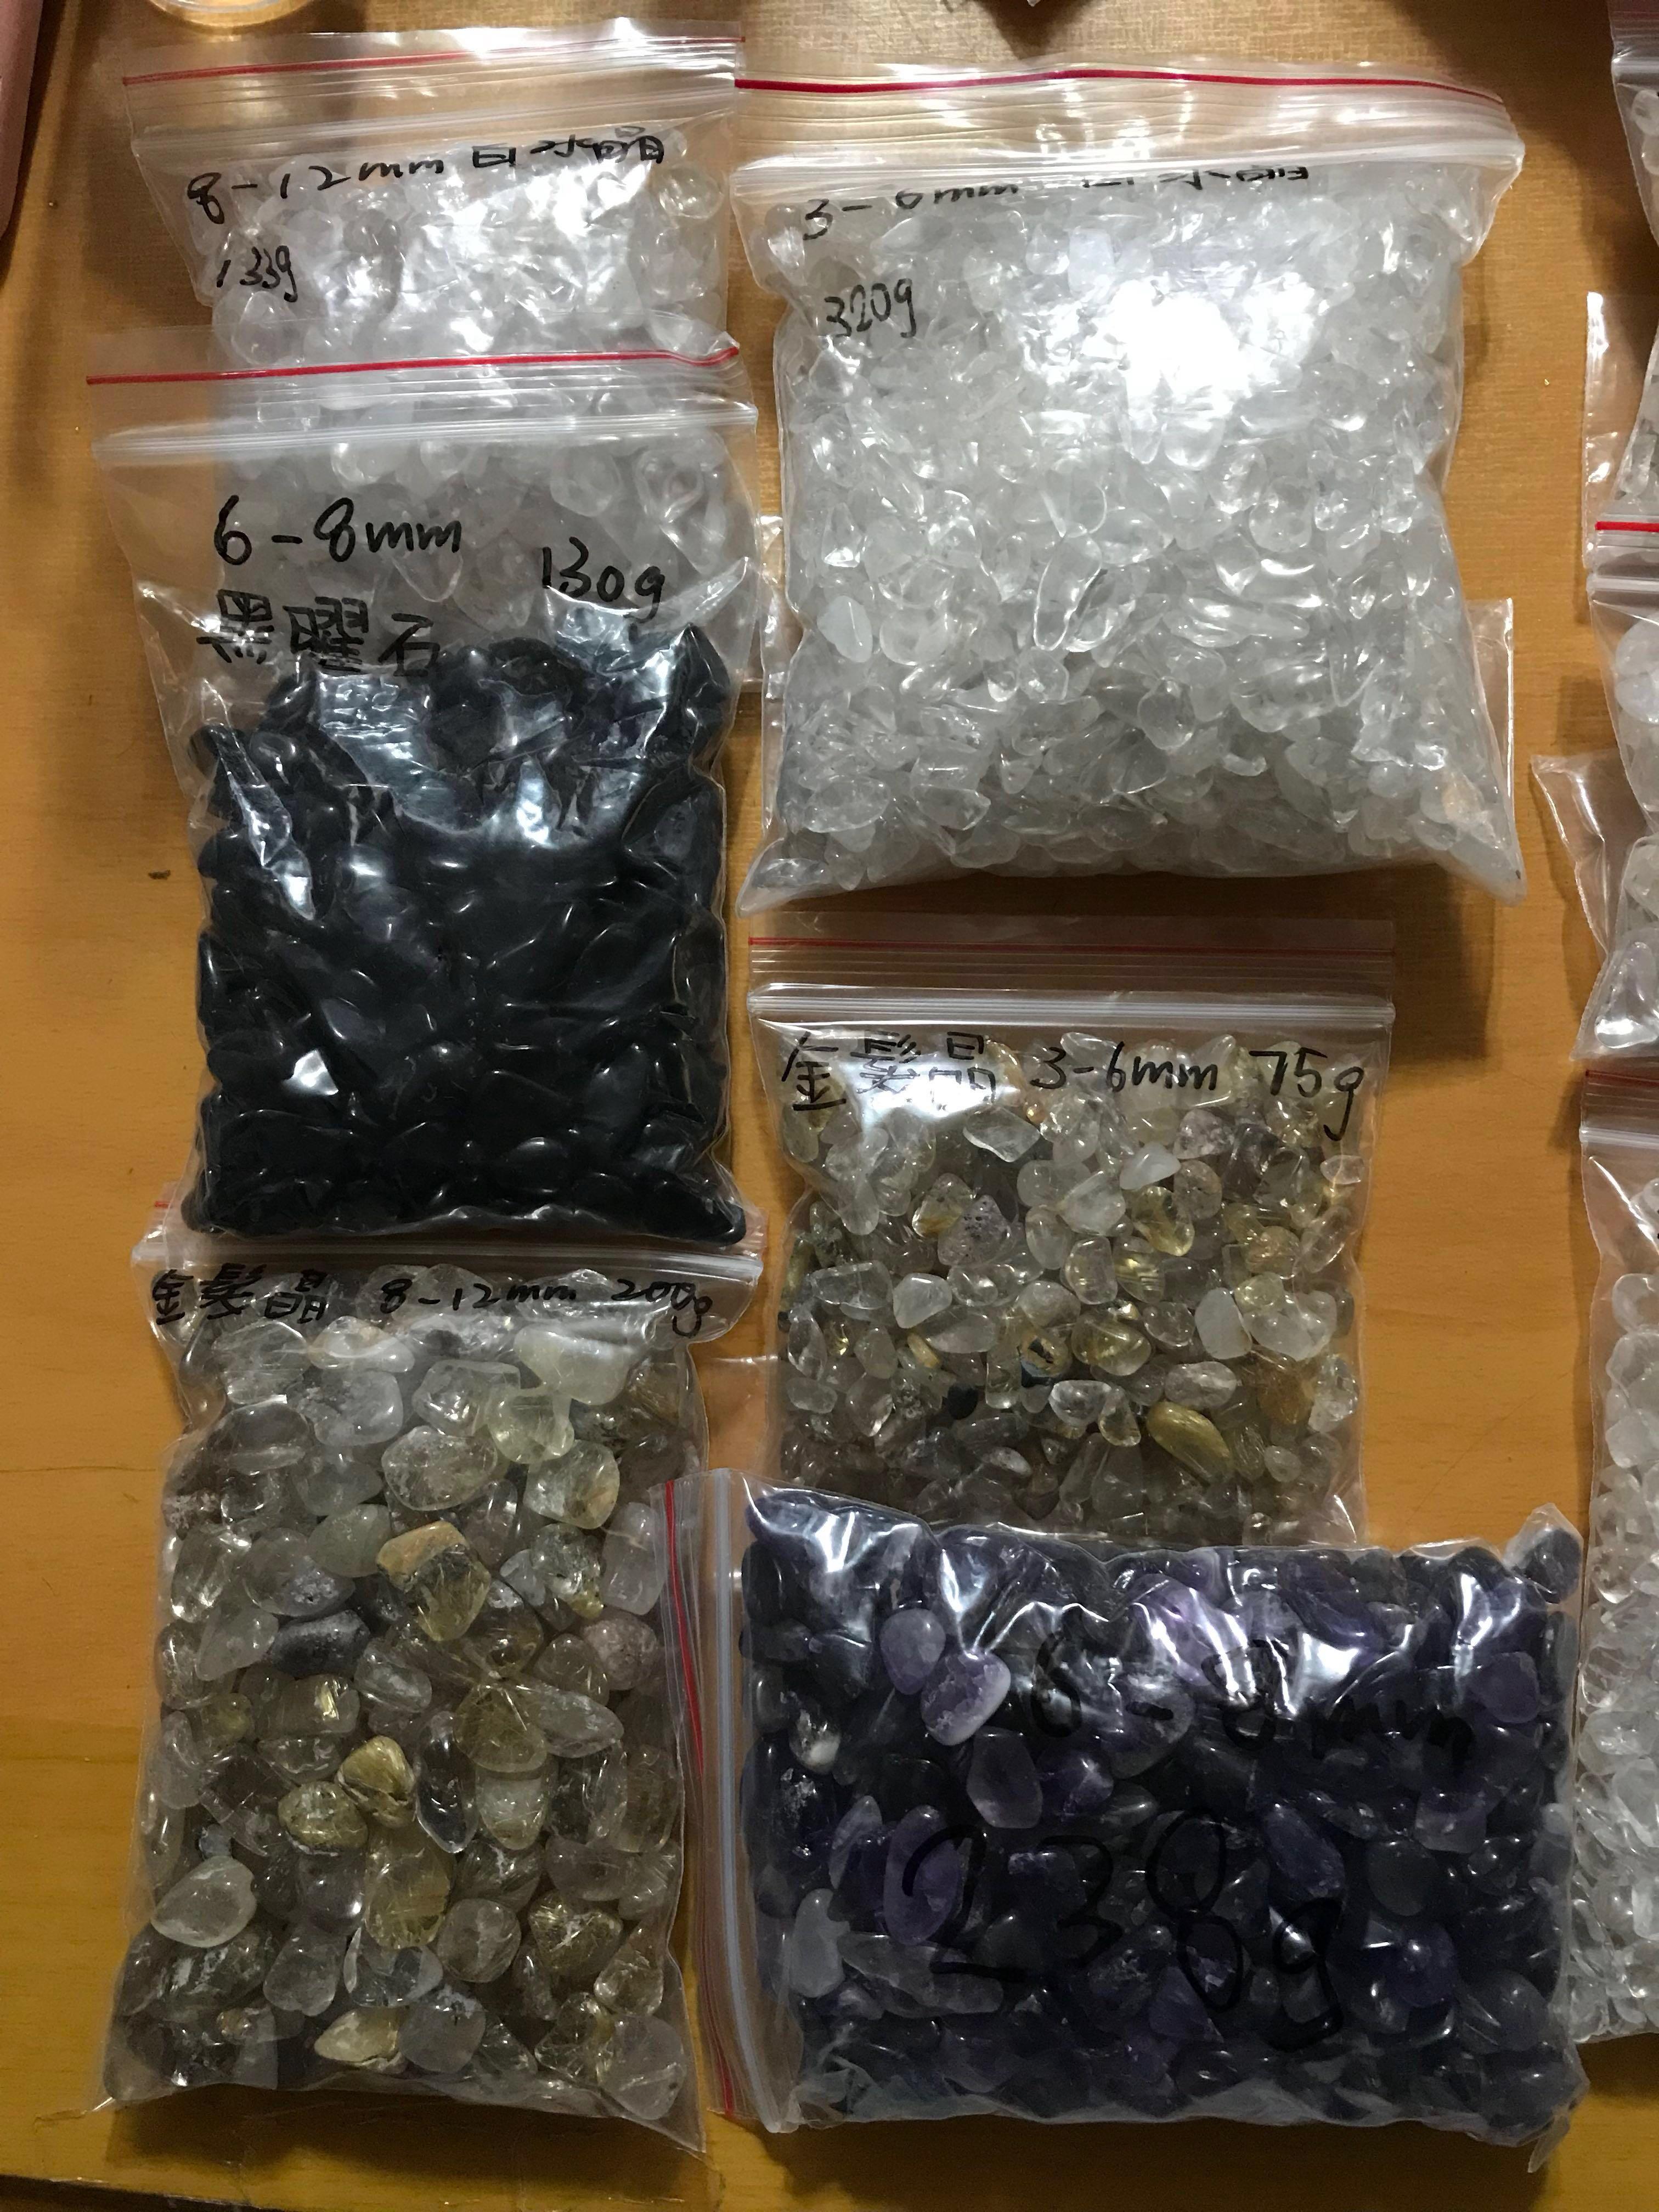 白/紫/黑曜石/多寶/金髮晶/鈦晶 碎石 特價 不同款不同價